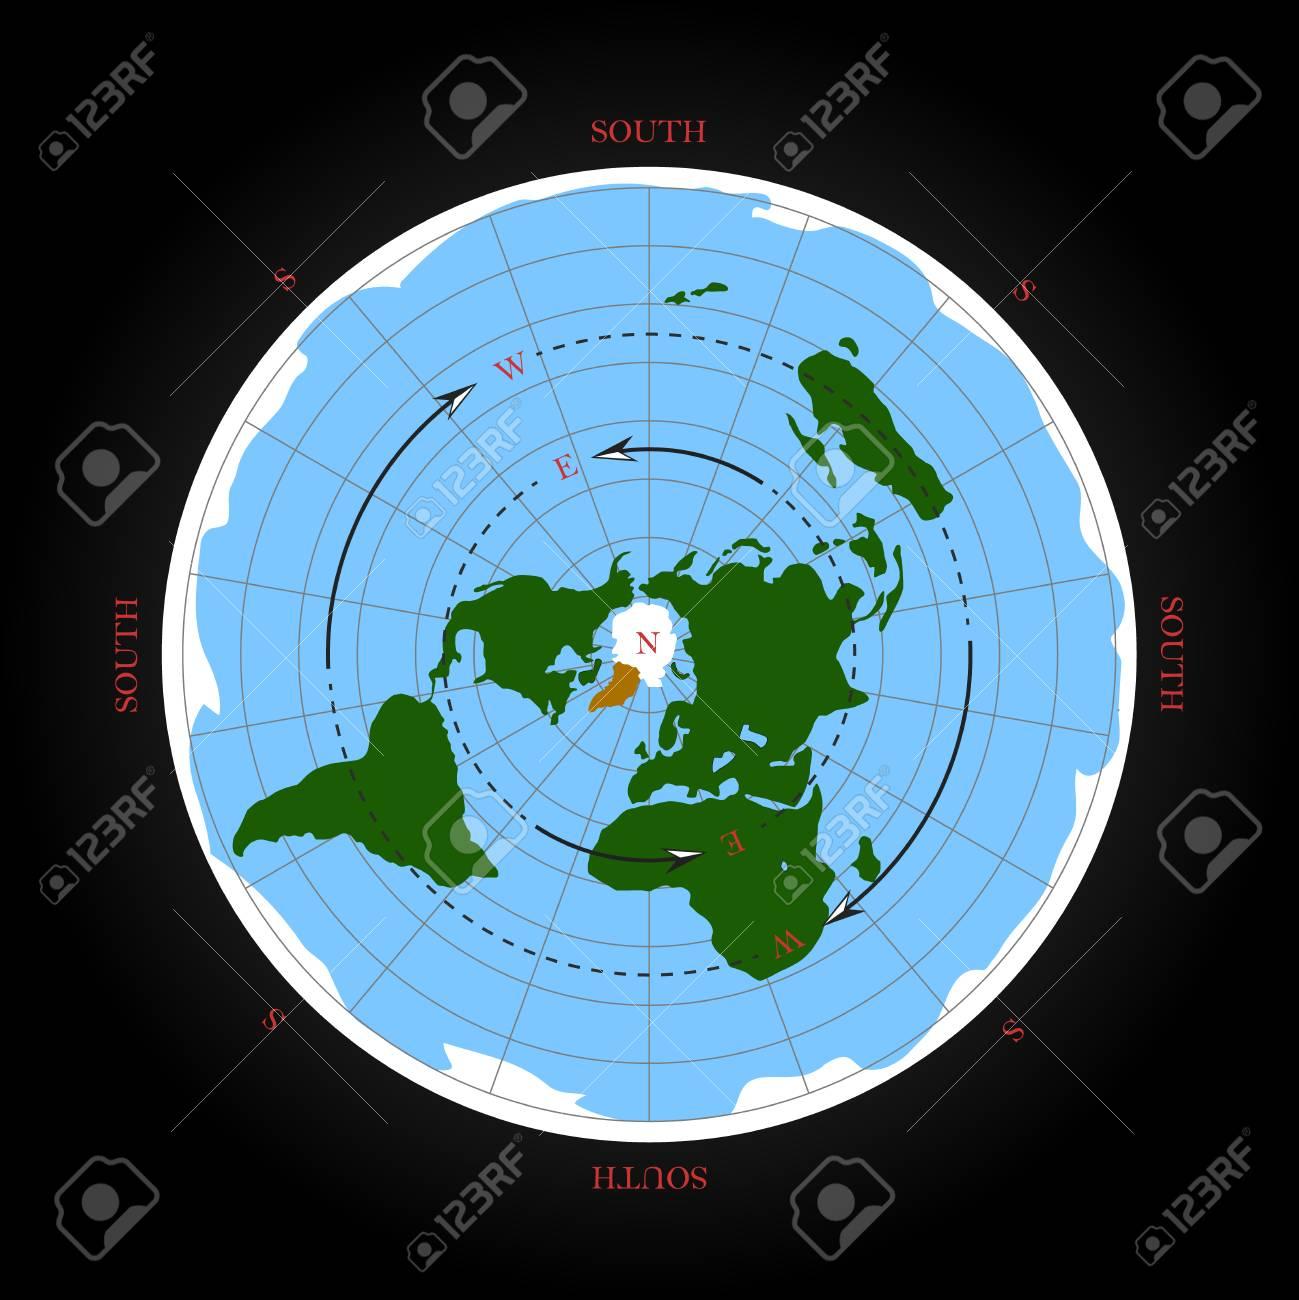 carte de la terre plate Direction Cardinale Sur La Carte De La Terre Plate. Illustration